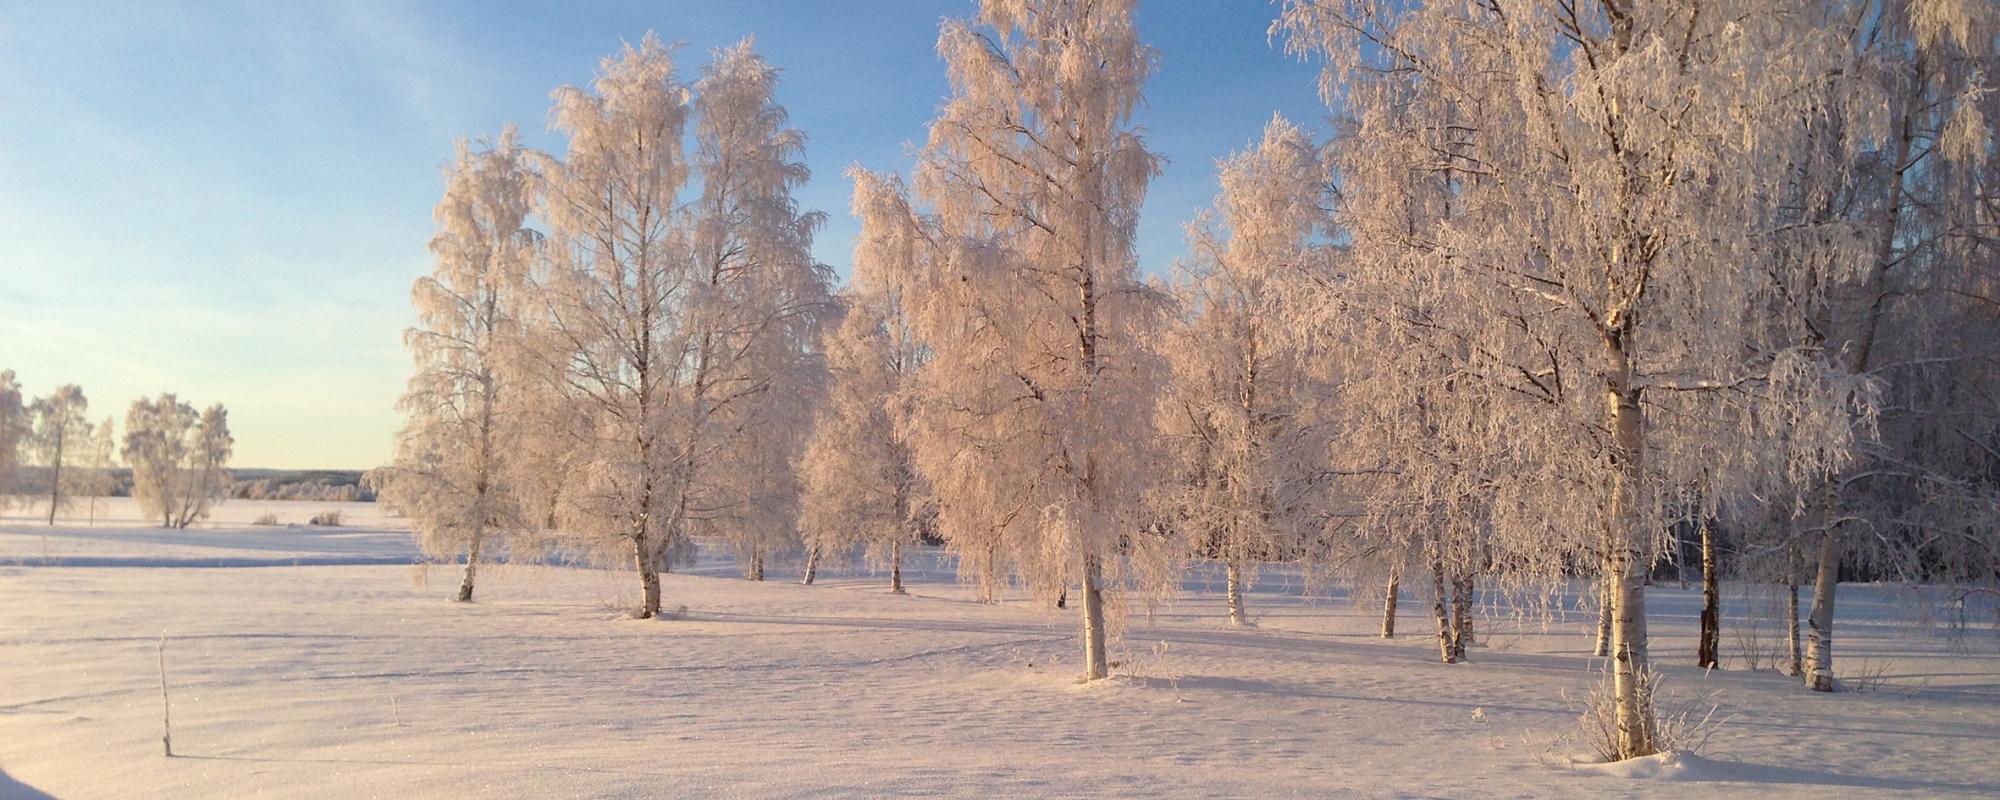 Vinter in innansjön